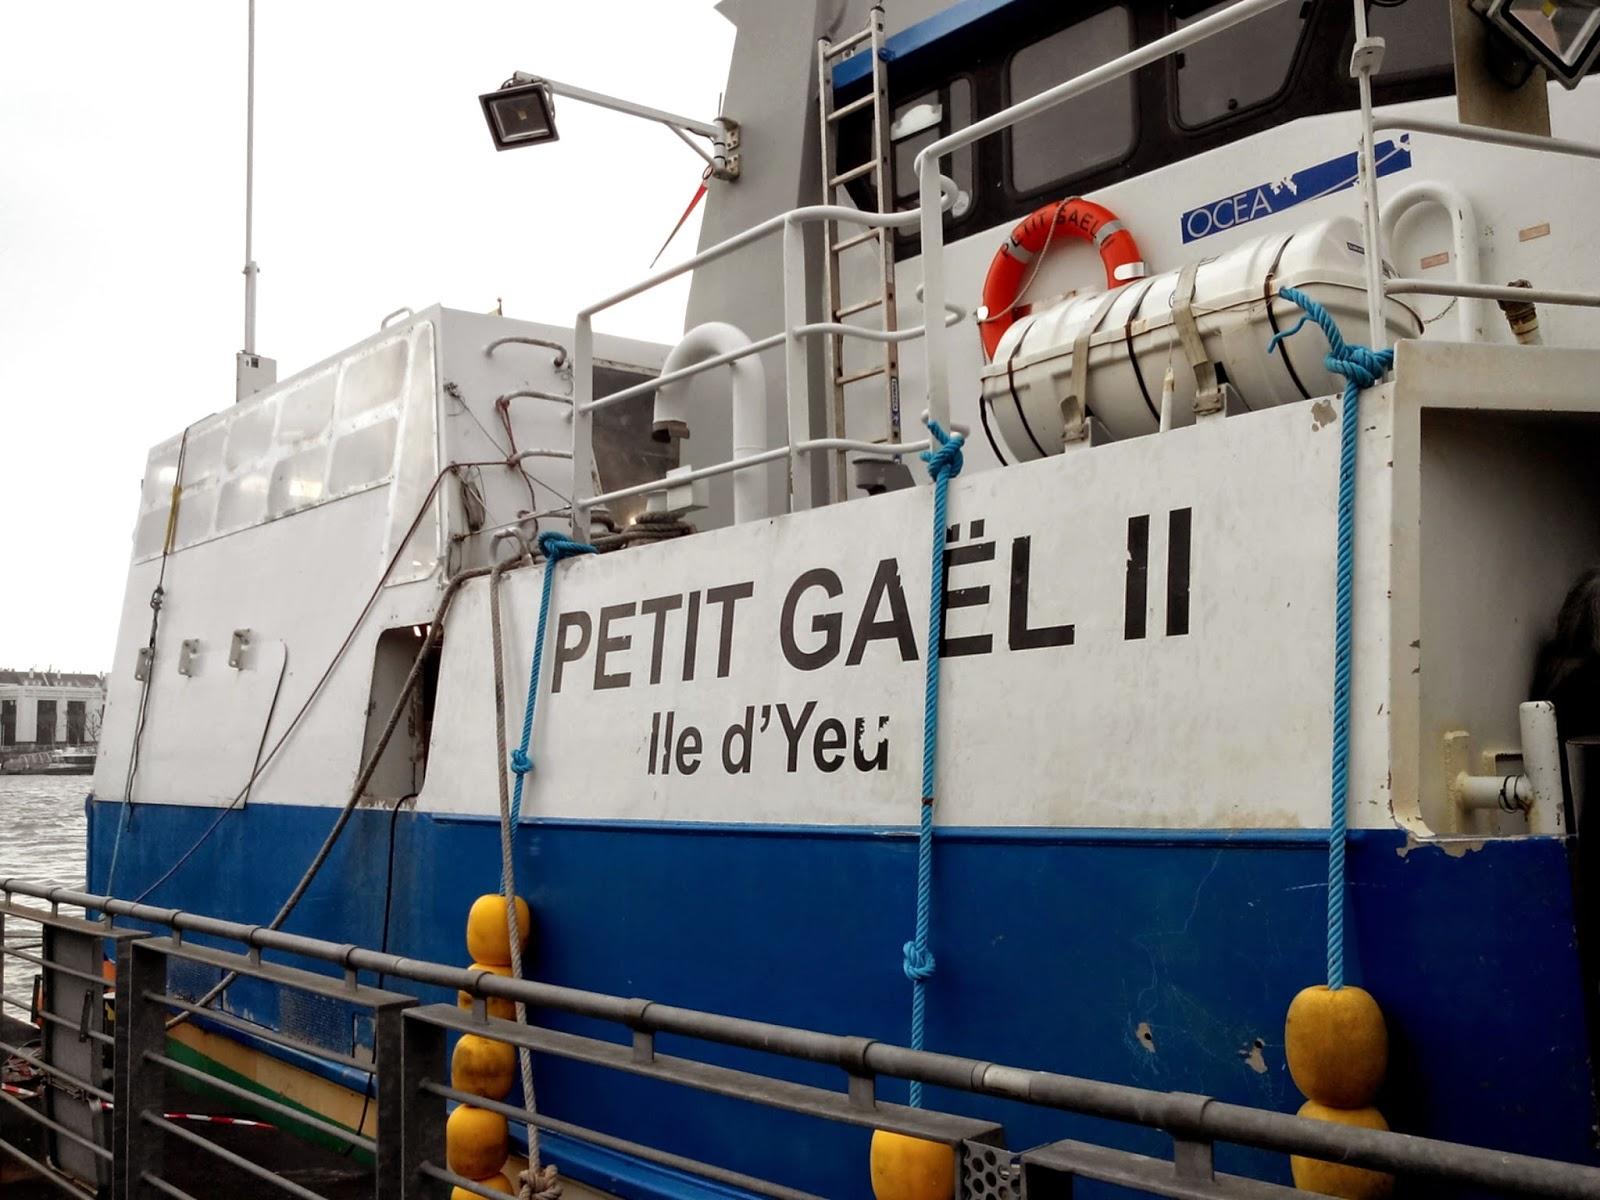 bateau, Ile d'Yeu, marin, pêcheur, bullelodie